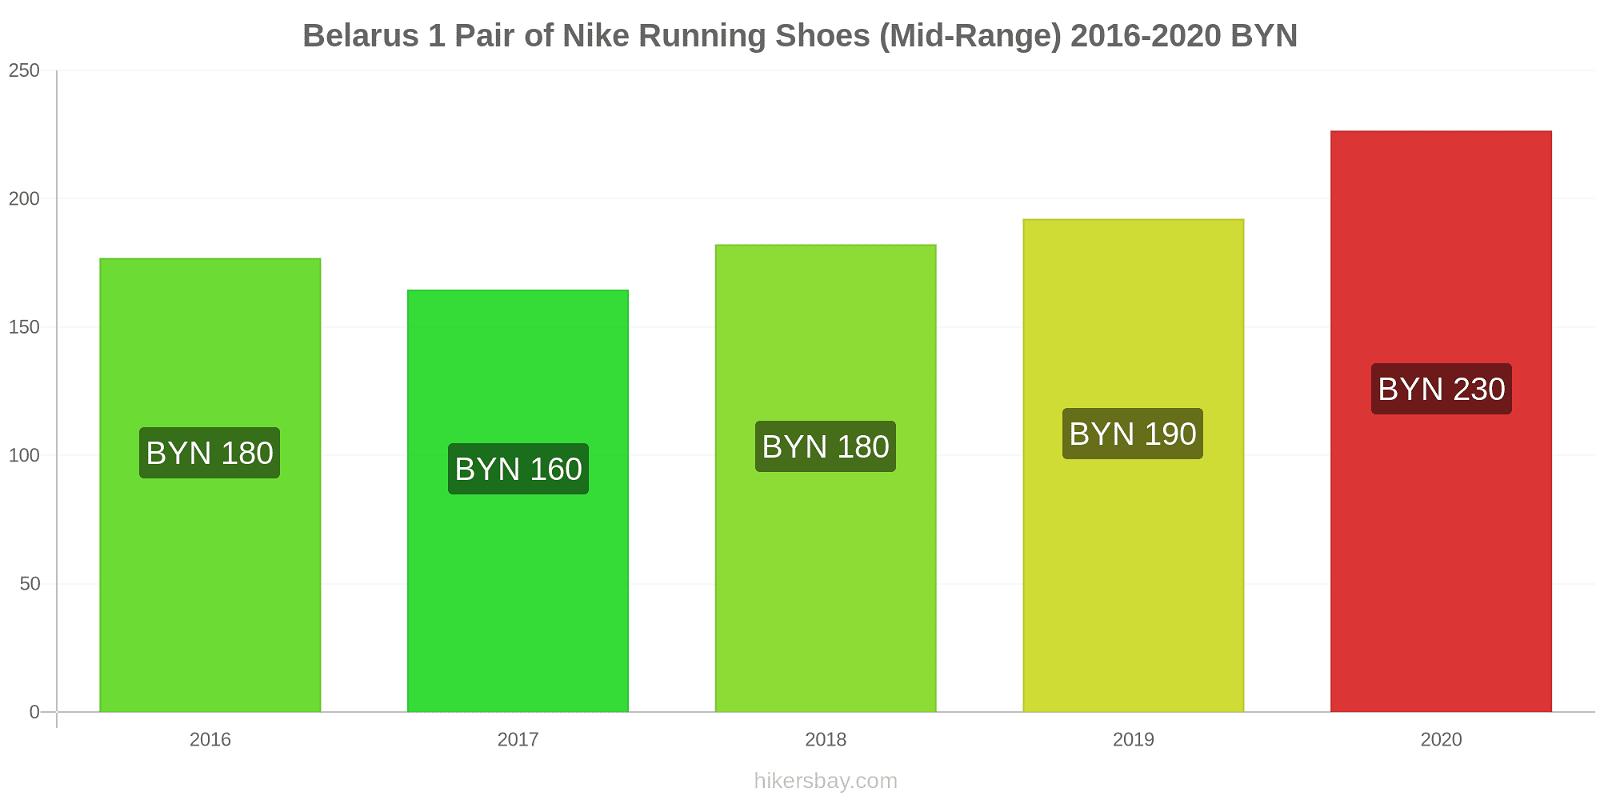 Belarus price changes 1 Pair of Nike Running Shoes (Mid-Range) hikersbay.com